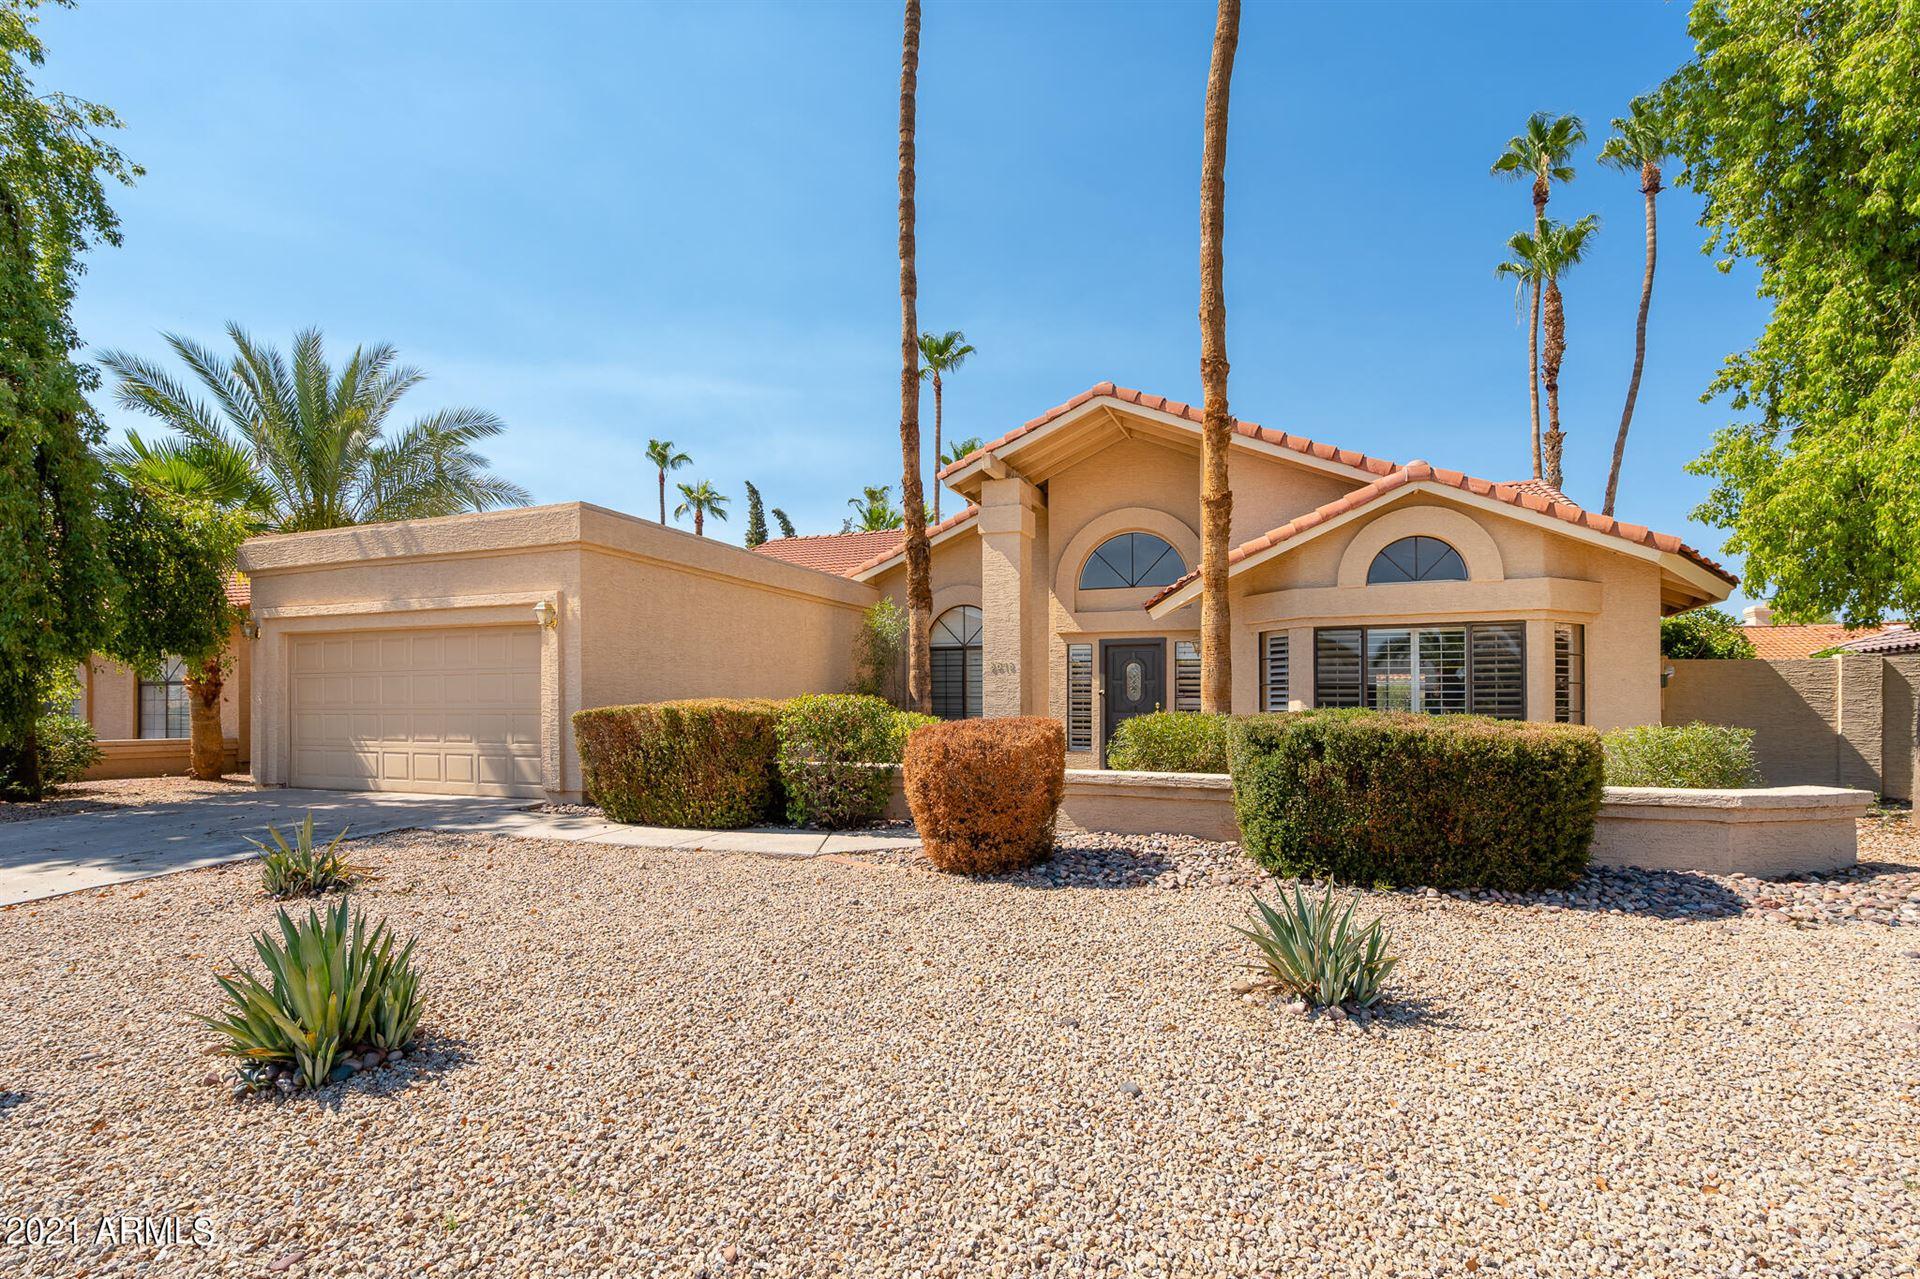 8618 E SAN FELIPE Drive, Scottsdale, AZ 85258 - MLS#: 6253107